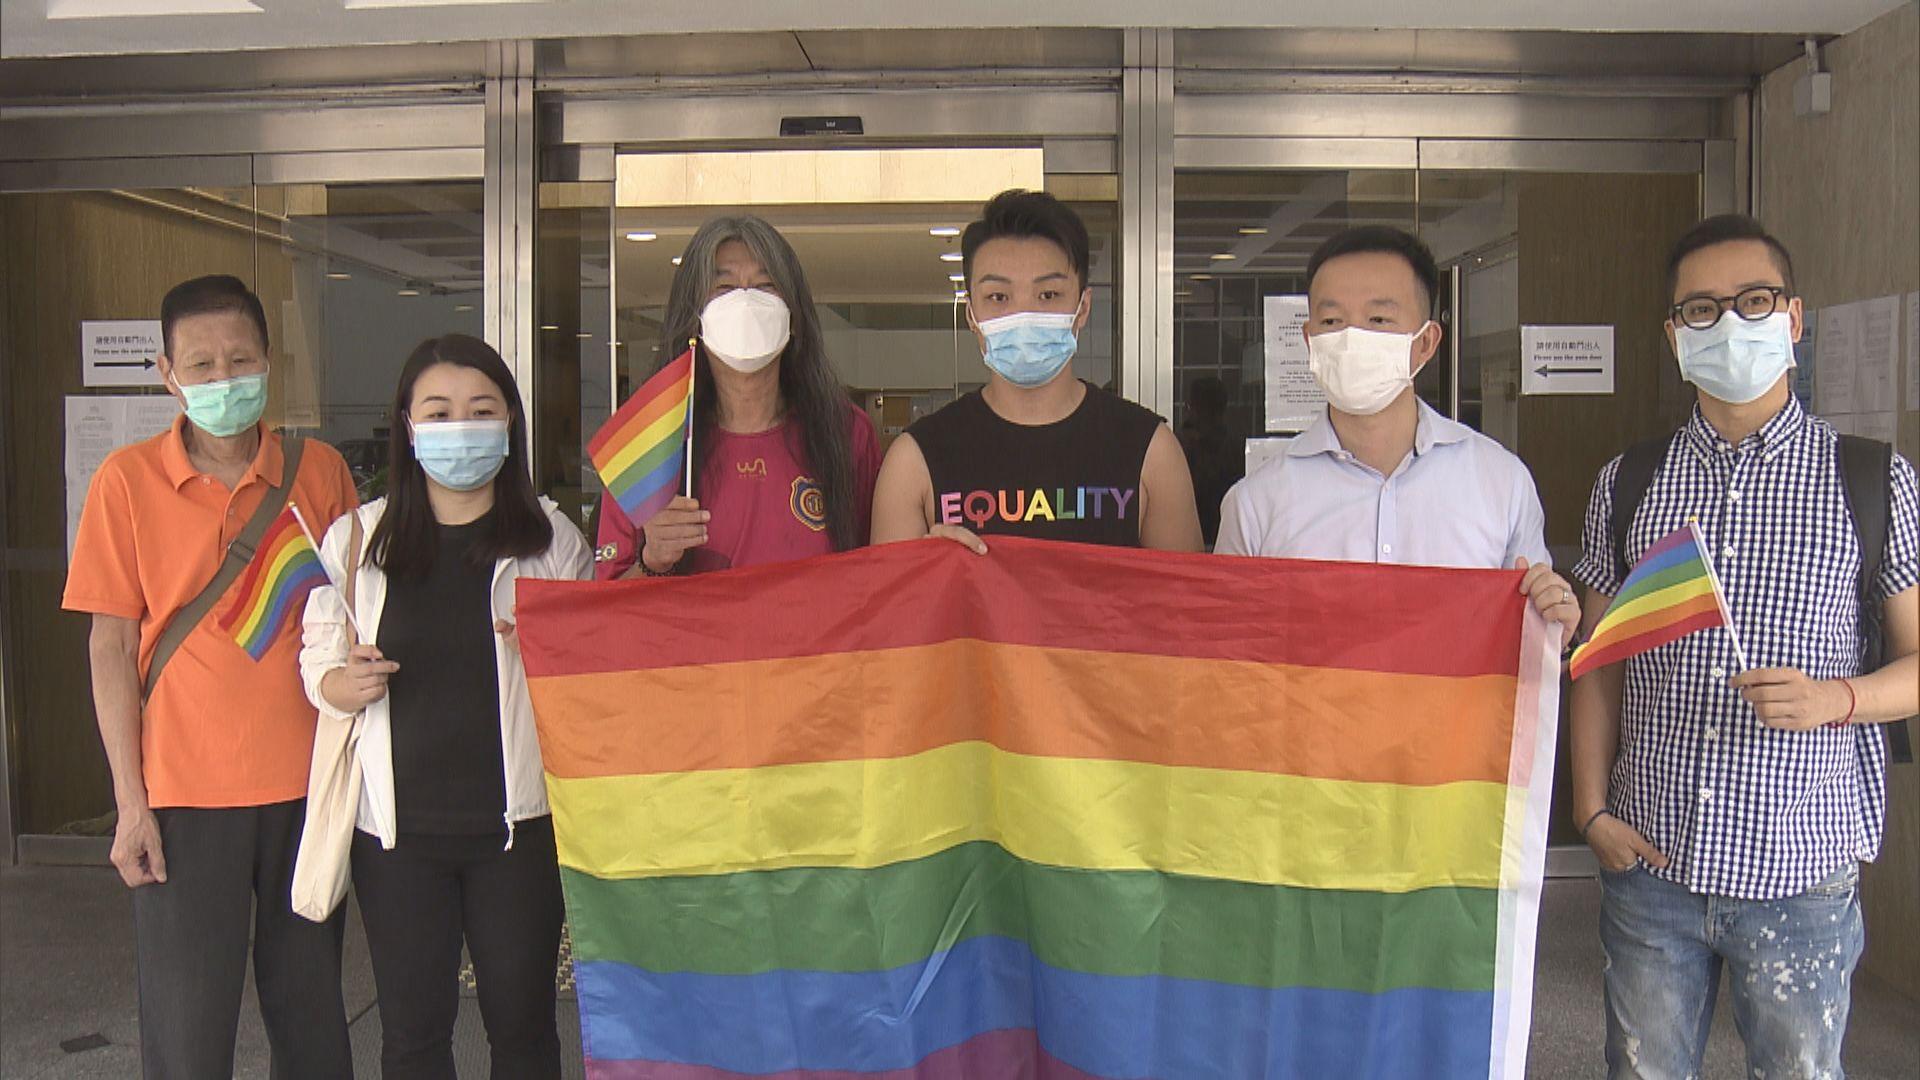 政府不承認海外同性婚姻司法覆核案開審